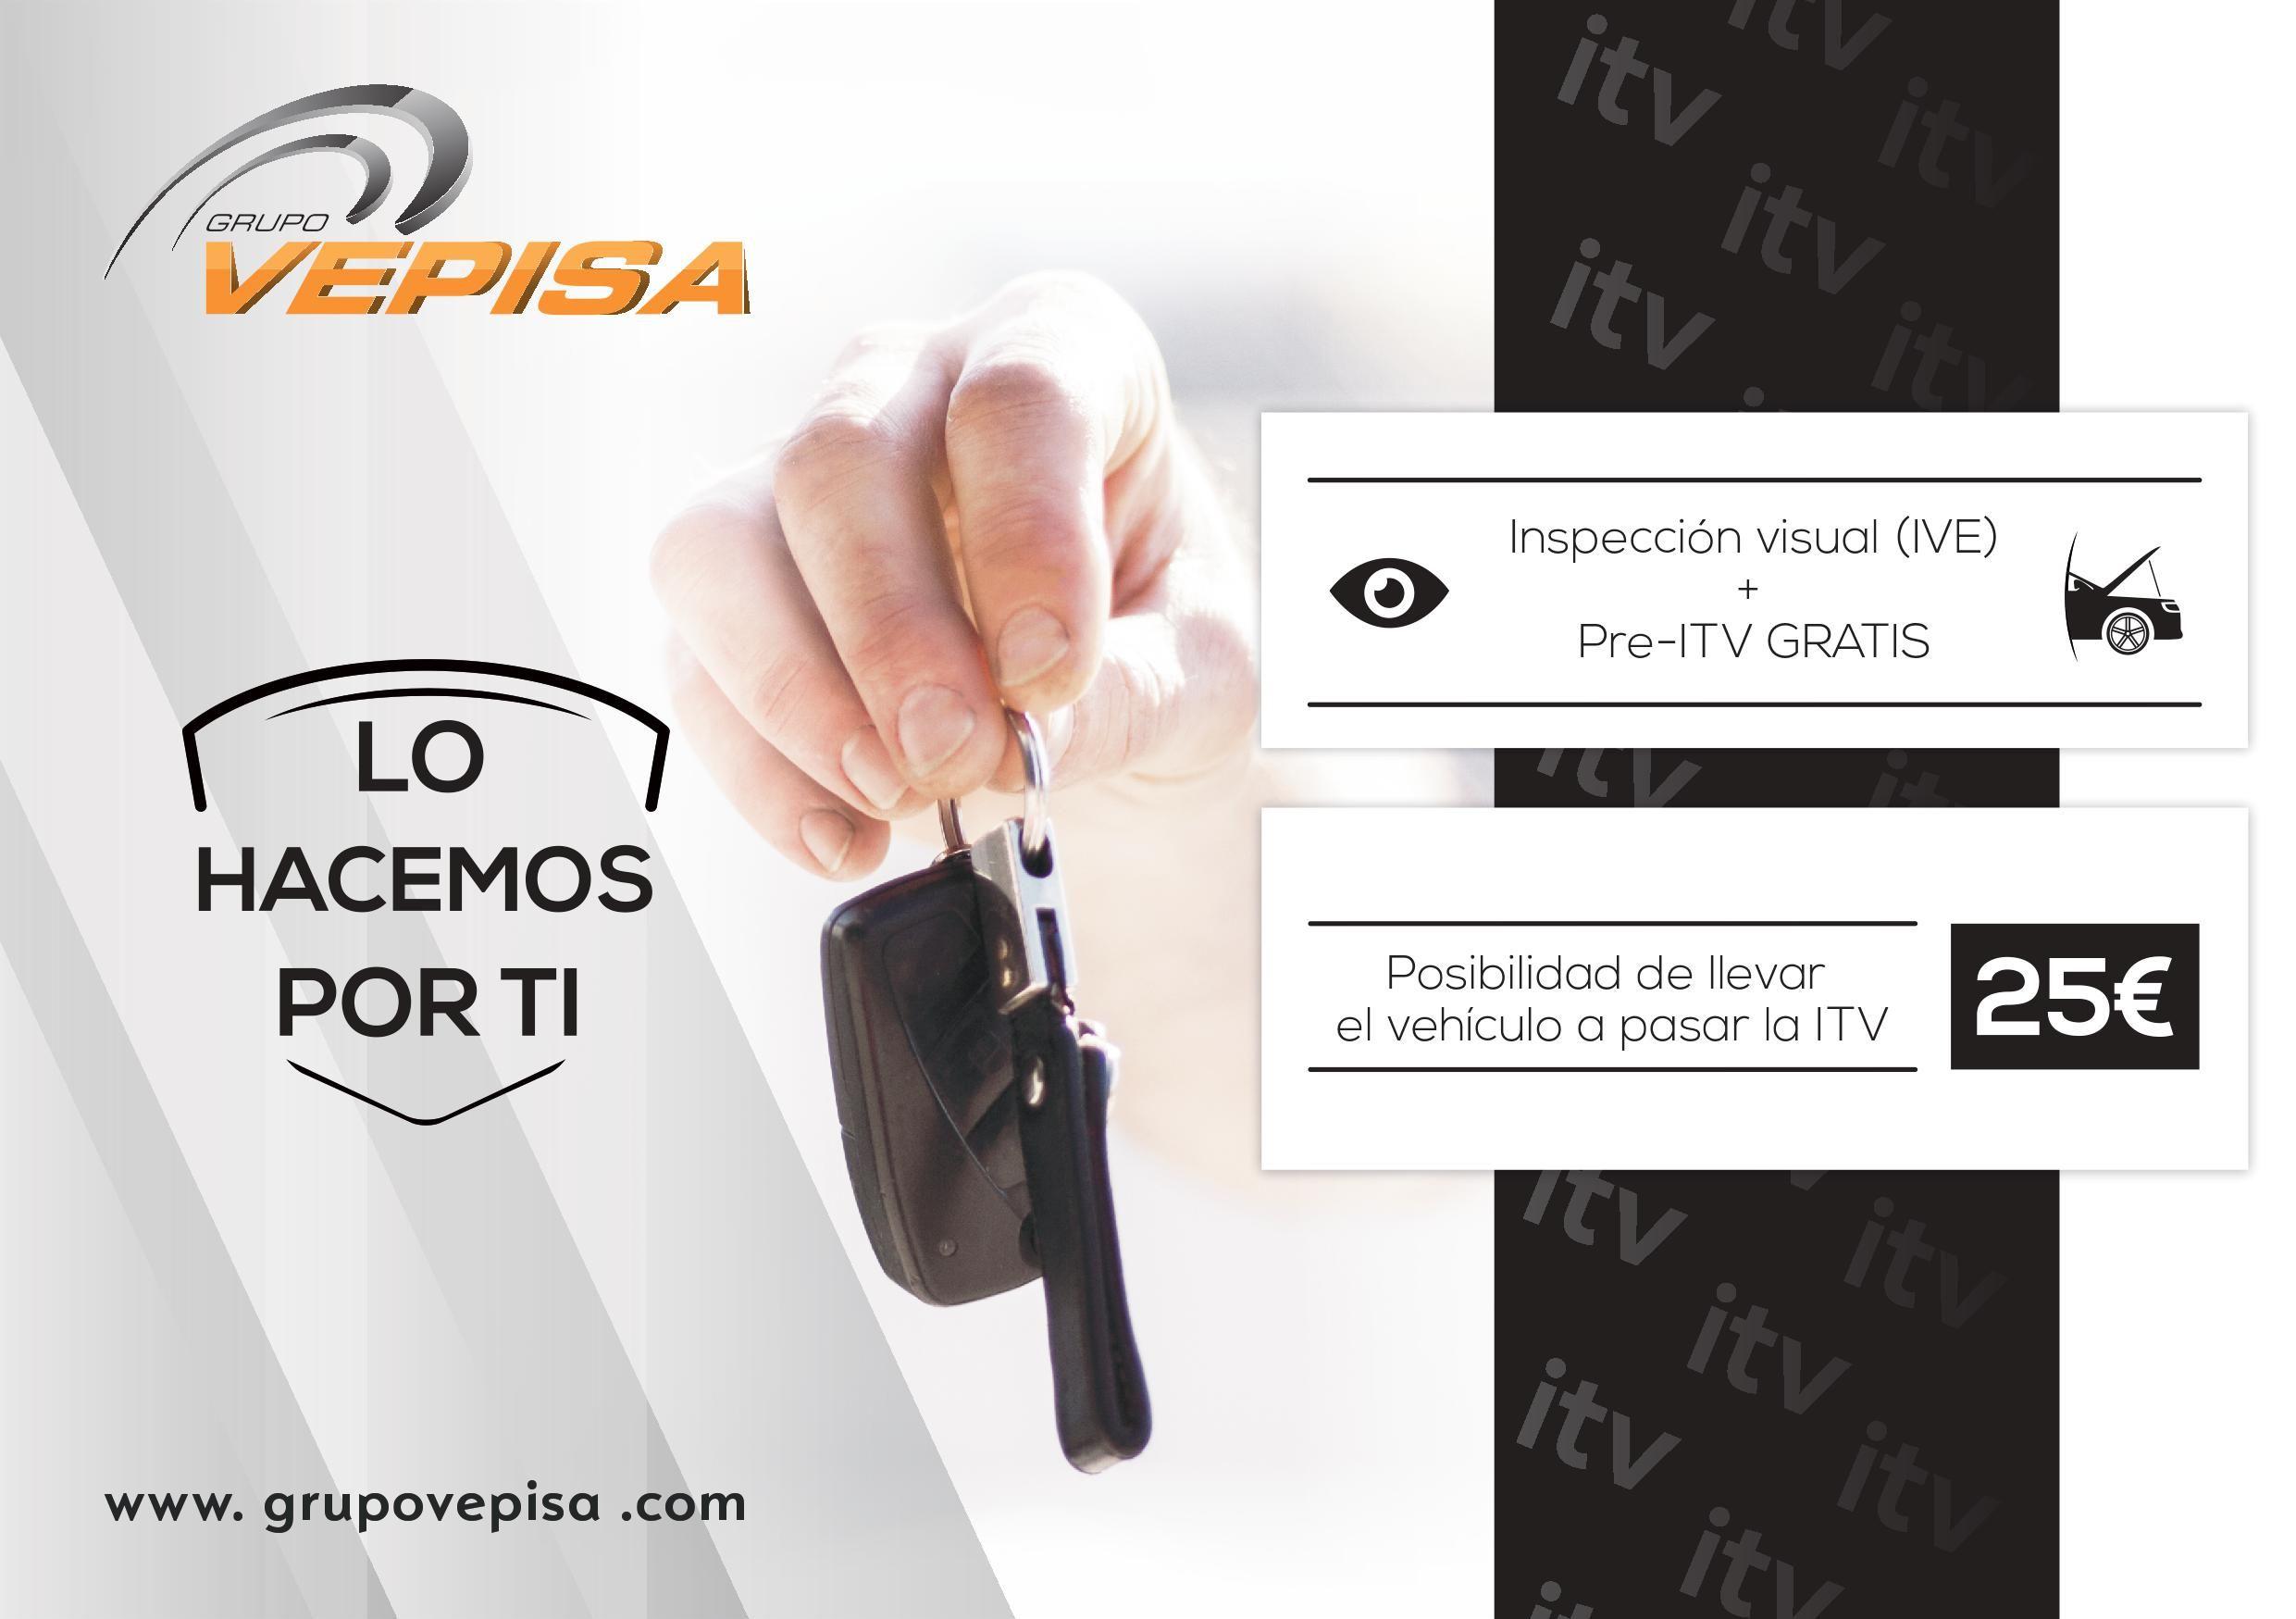 PRE ITV E INSPECION VISUAL DE 20 PUNTOS GRATIS